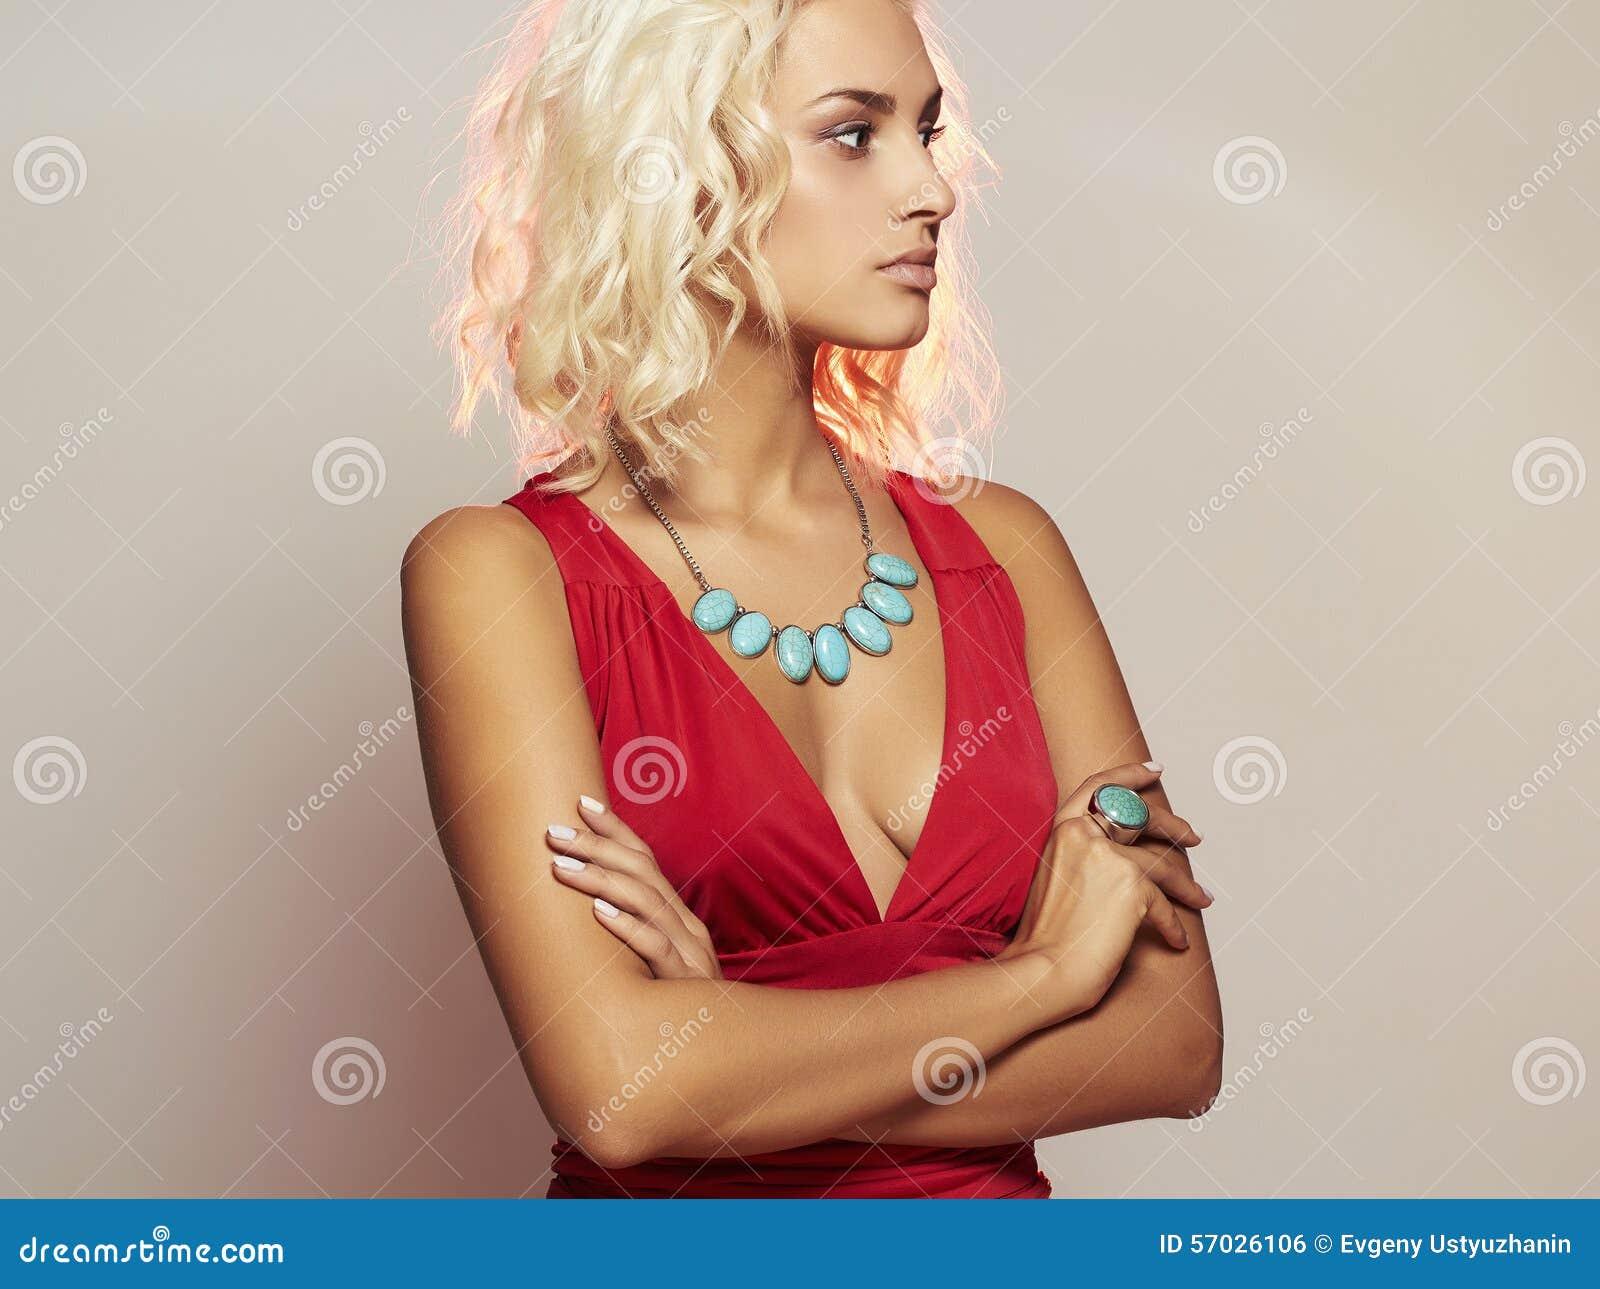 Vollbusiges Blondes Girl Zeigt Titten